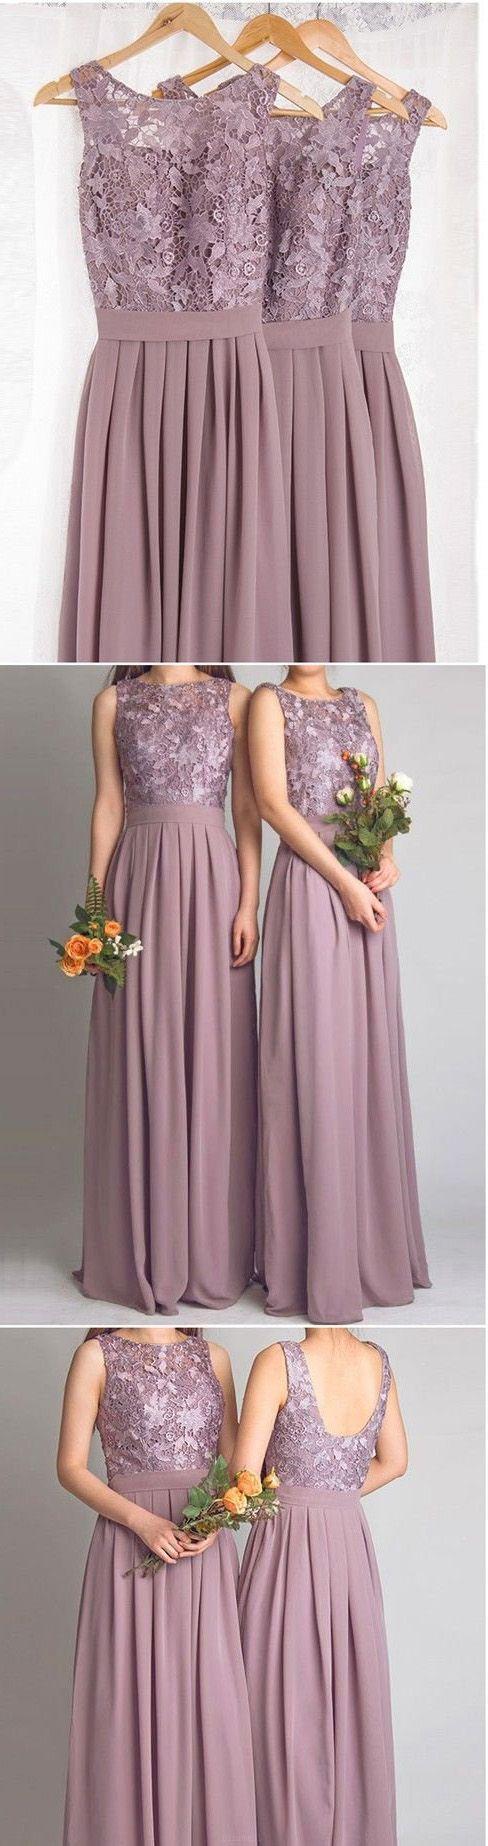 Chiffon bridesmaid dresses long chiffon bridesmaid dresses long